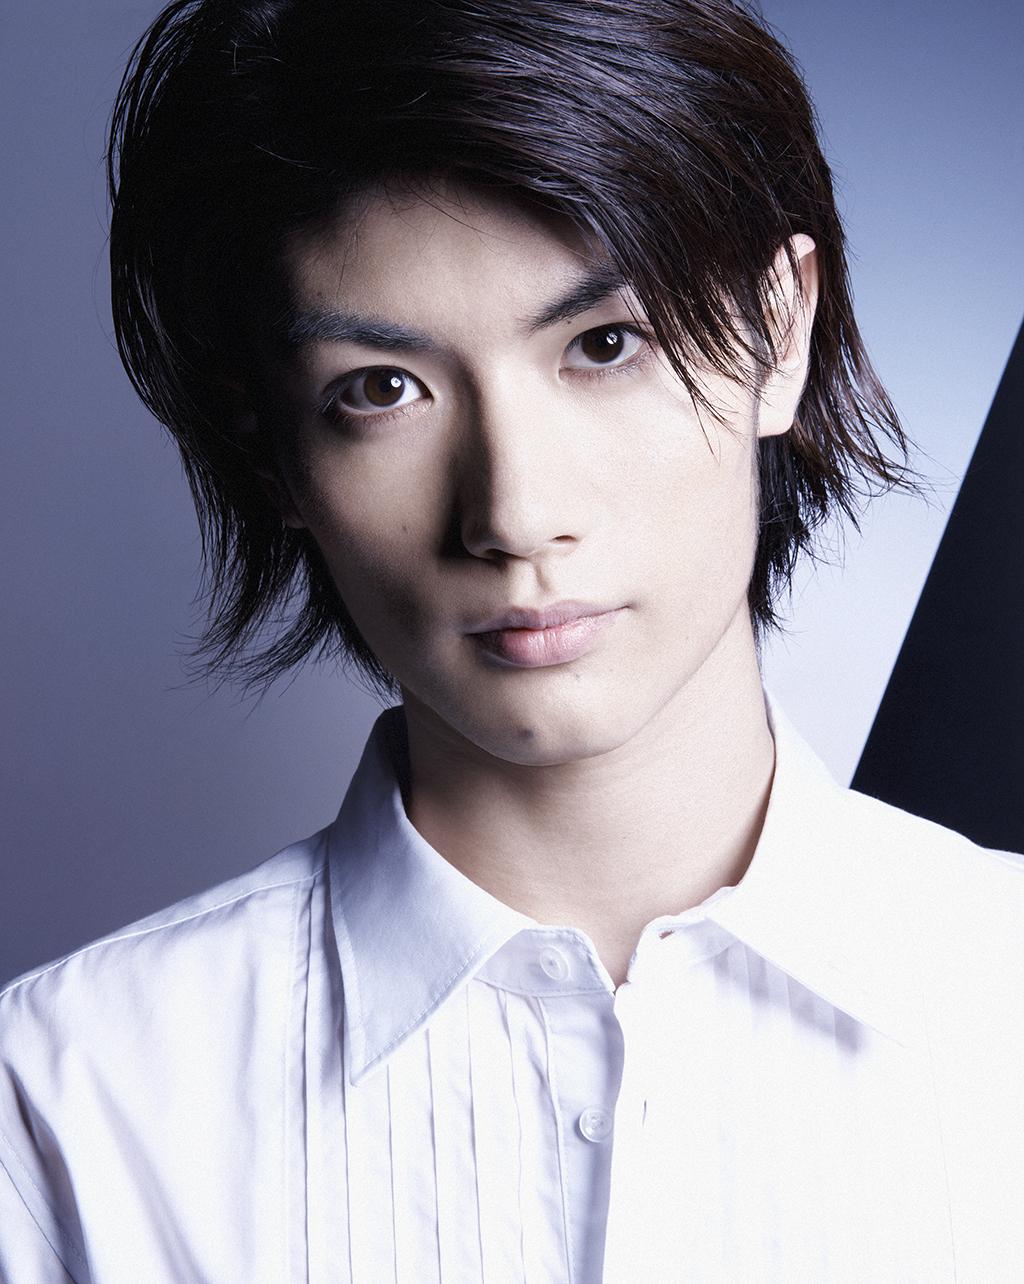 Японские актеры мужчины фото и имена